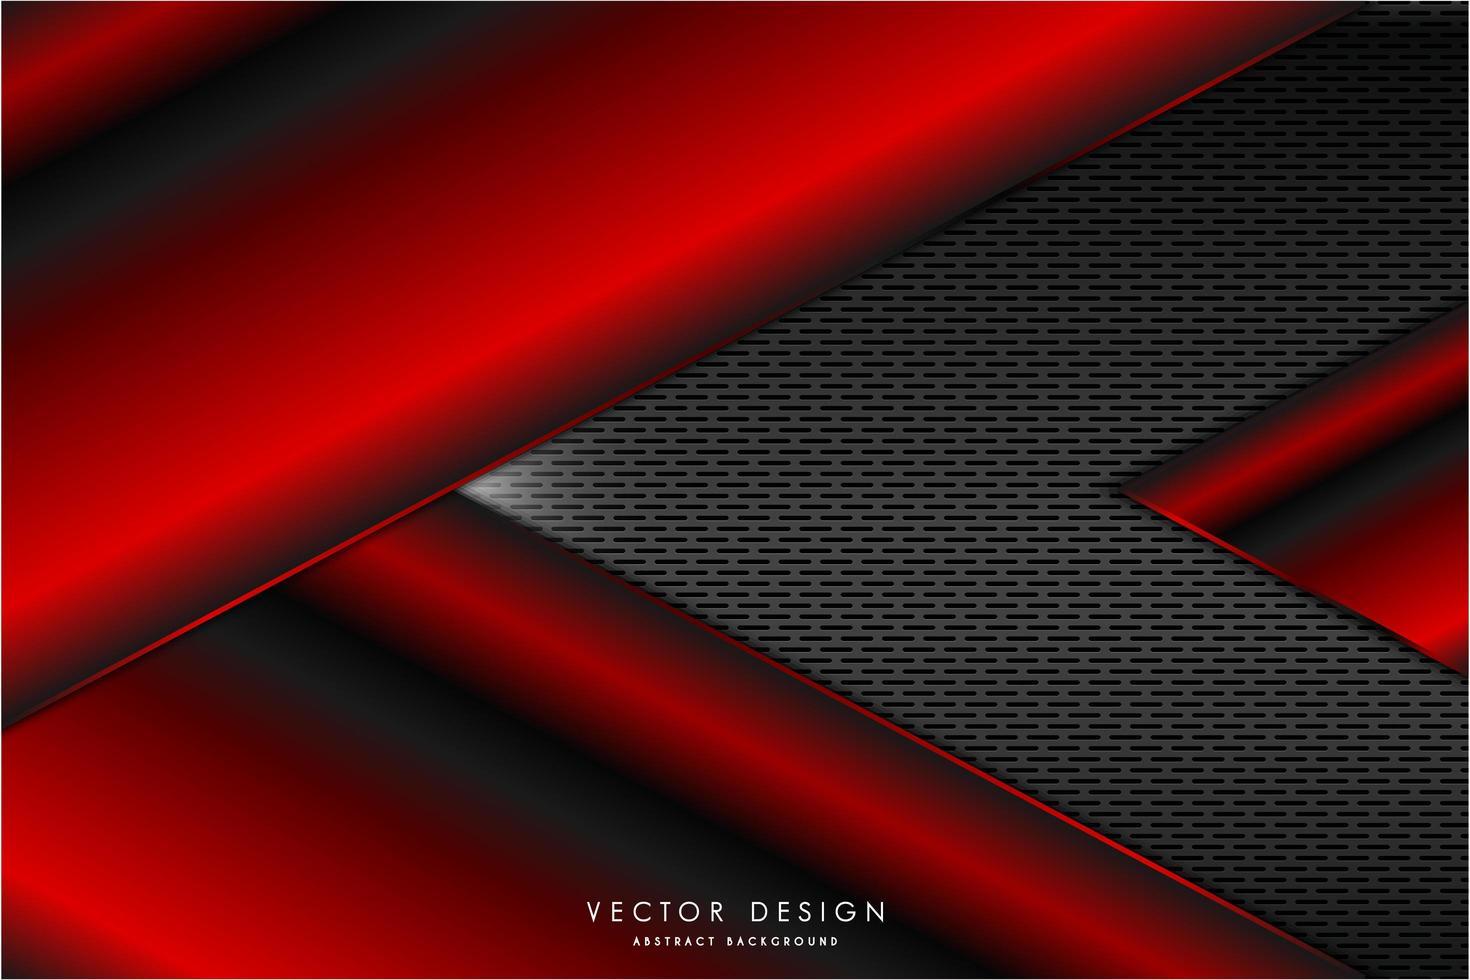 metallisch rote pfeilförmige Platten mit grauer Roststruktur vektor